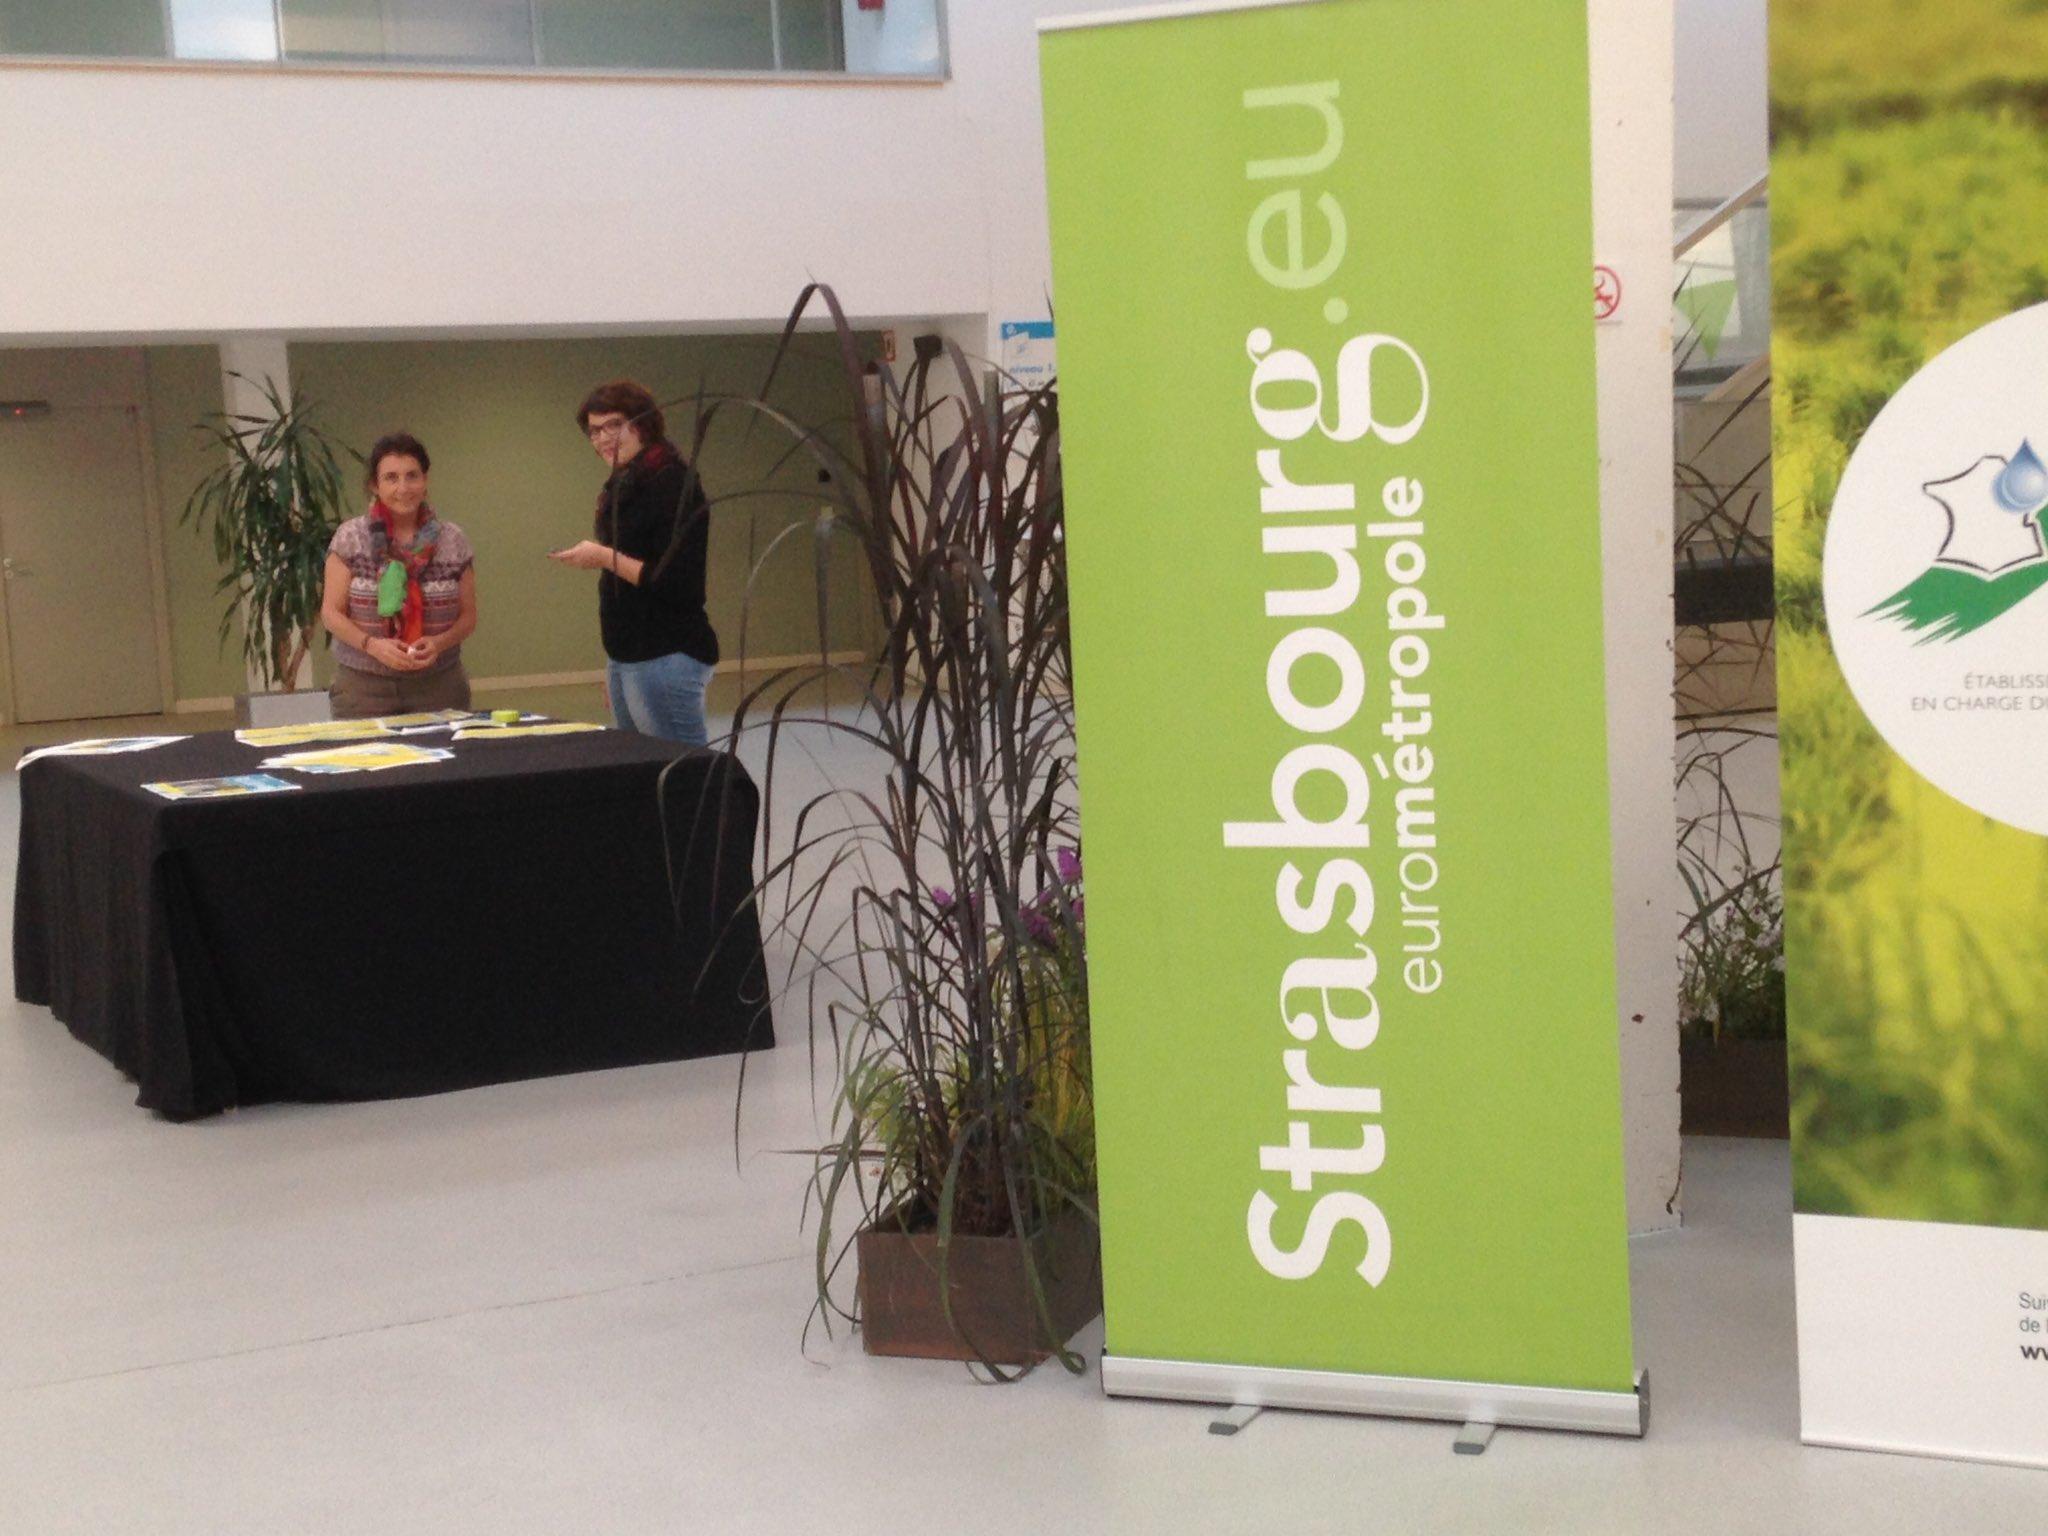 Le Forum #villeeteau se prépare. Rendez-vous demain 9h #Strasbourg https://t.co/zHAFiHW45S